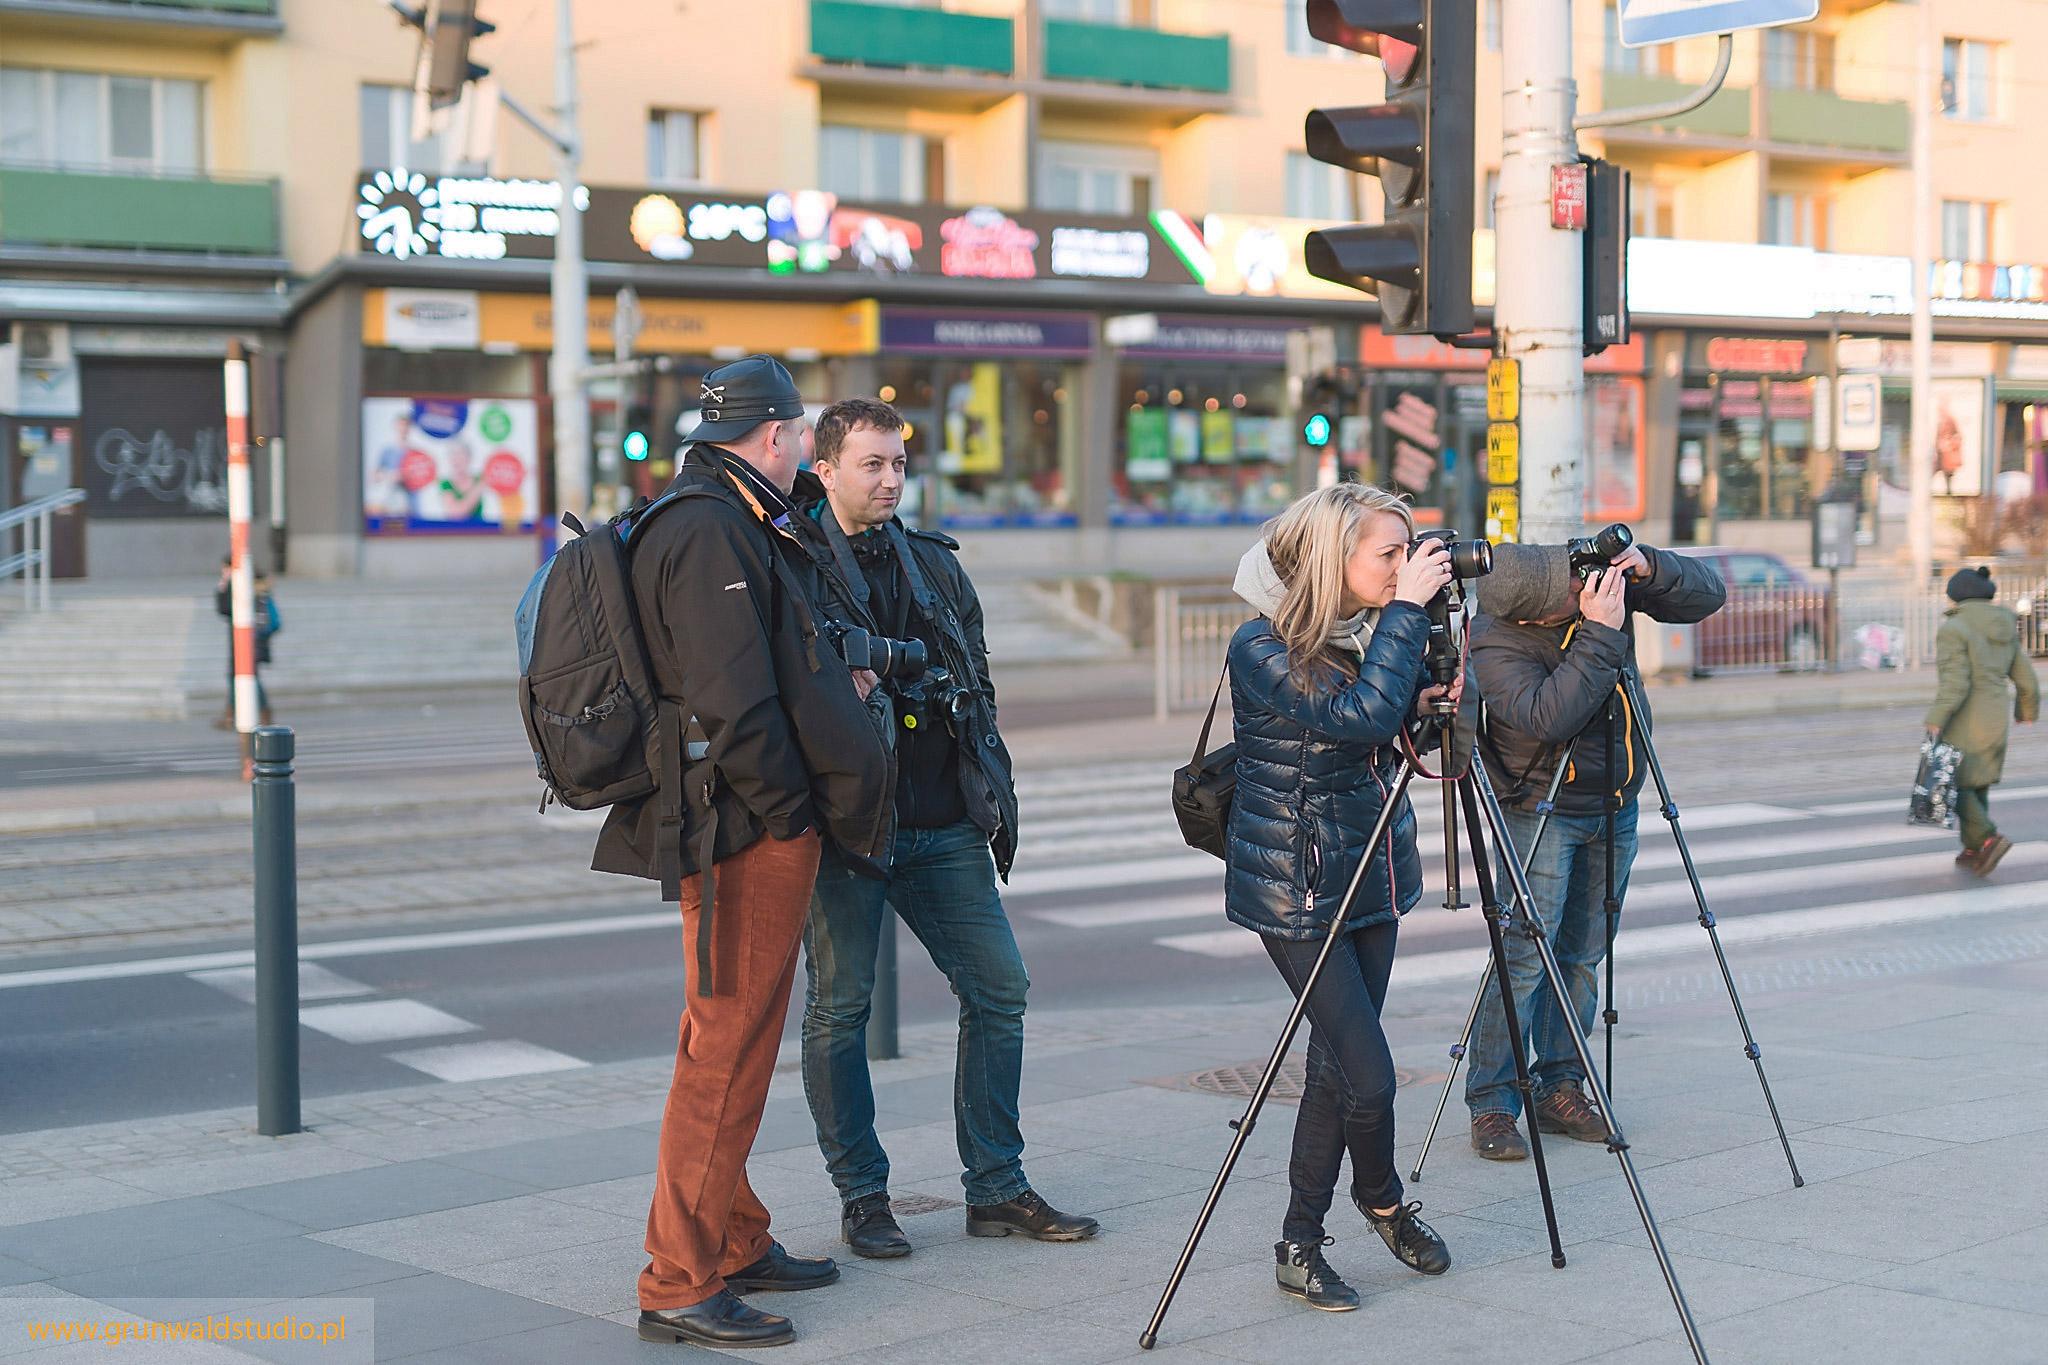 Grunwald-Studio-Kurs-Fotografii-Wrocław-Fotograf-Wrocław-Kursy-fotograficzne-Wrocław-21